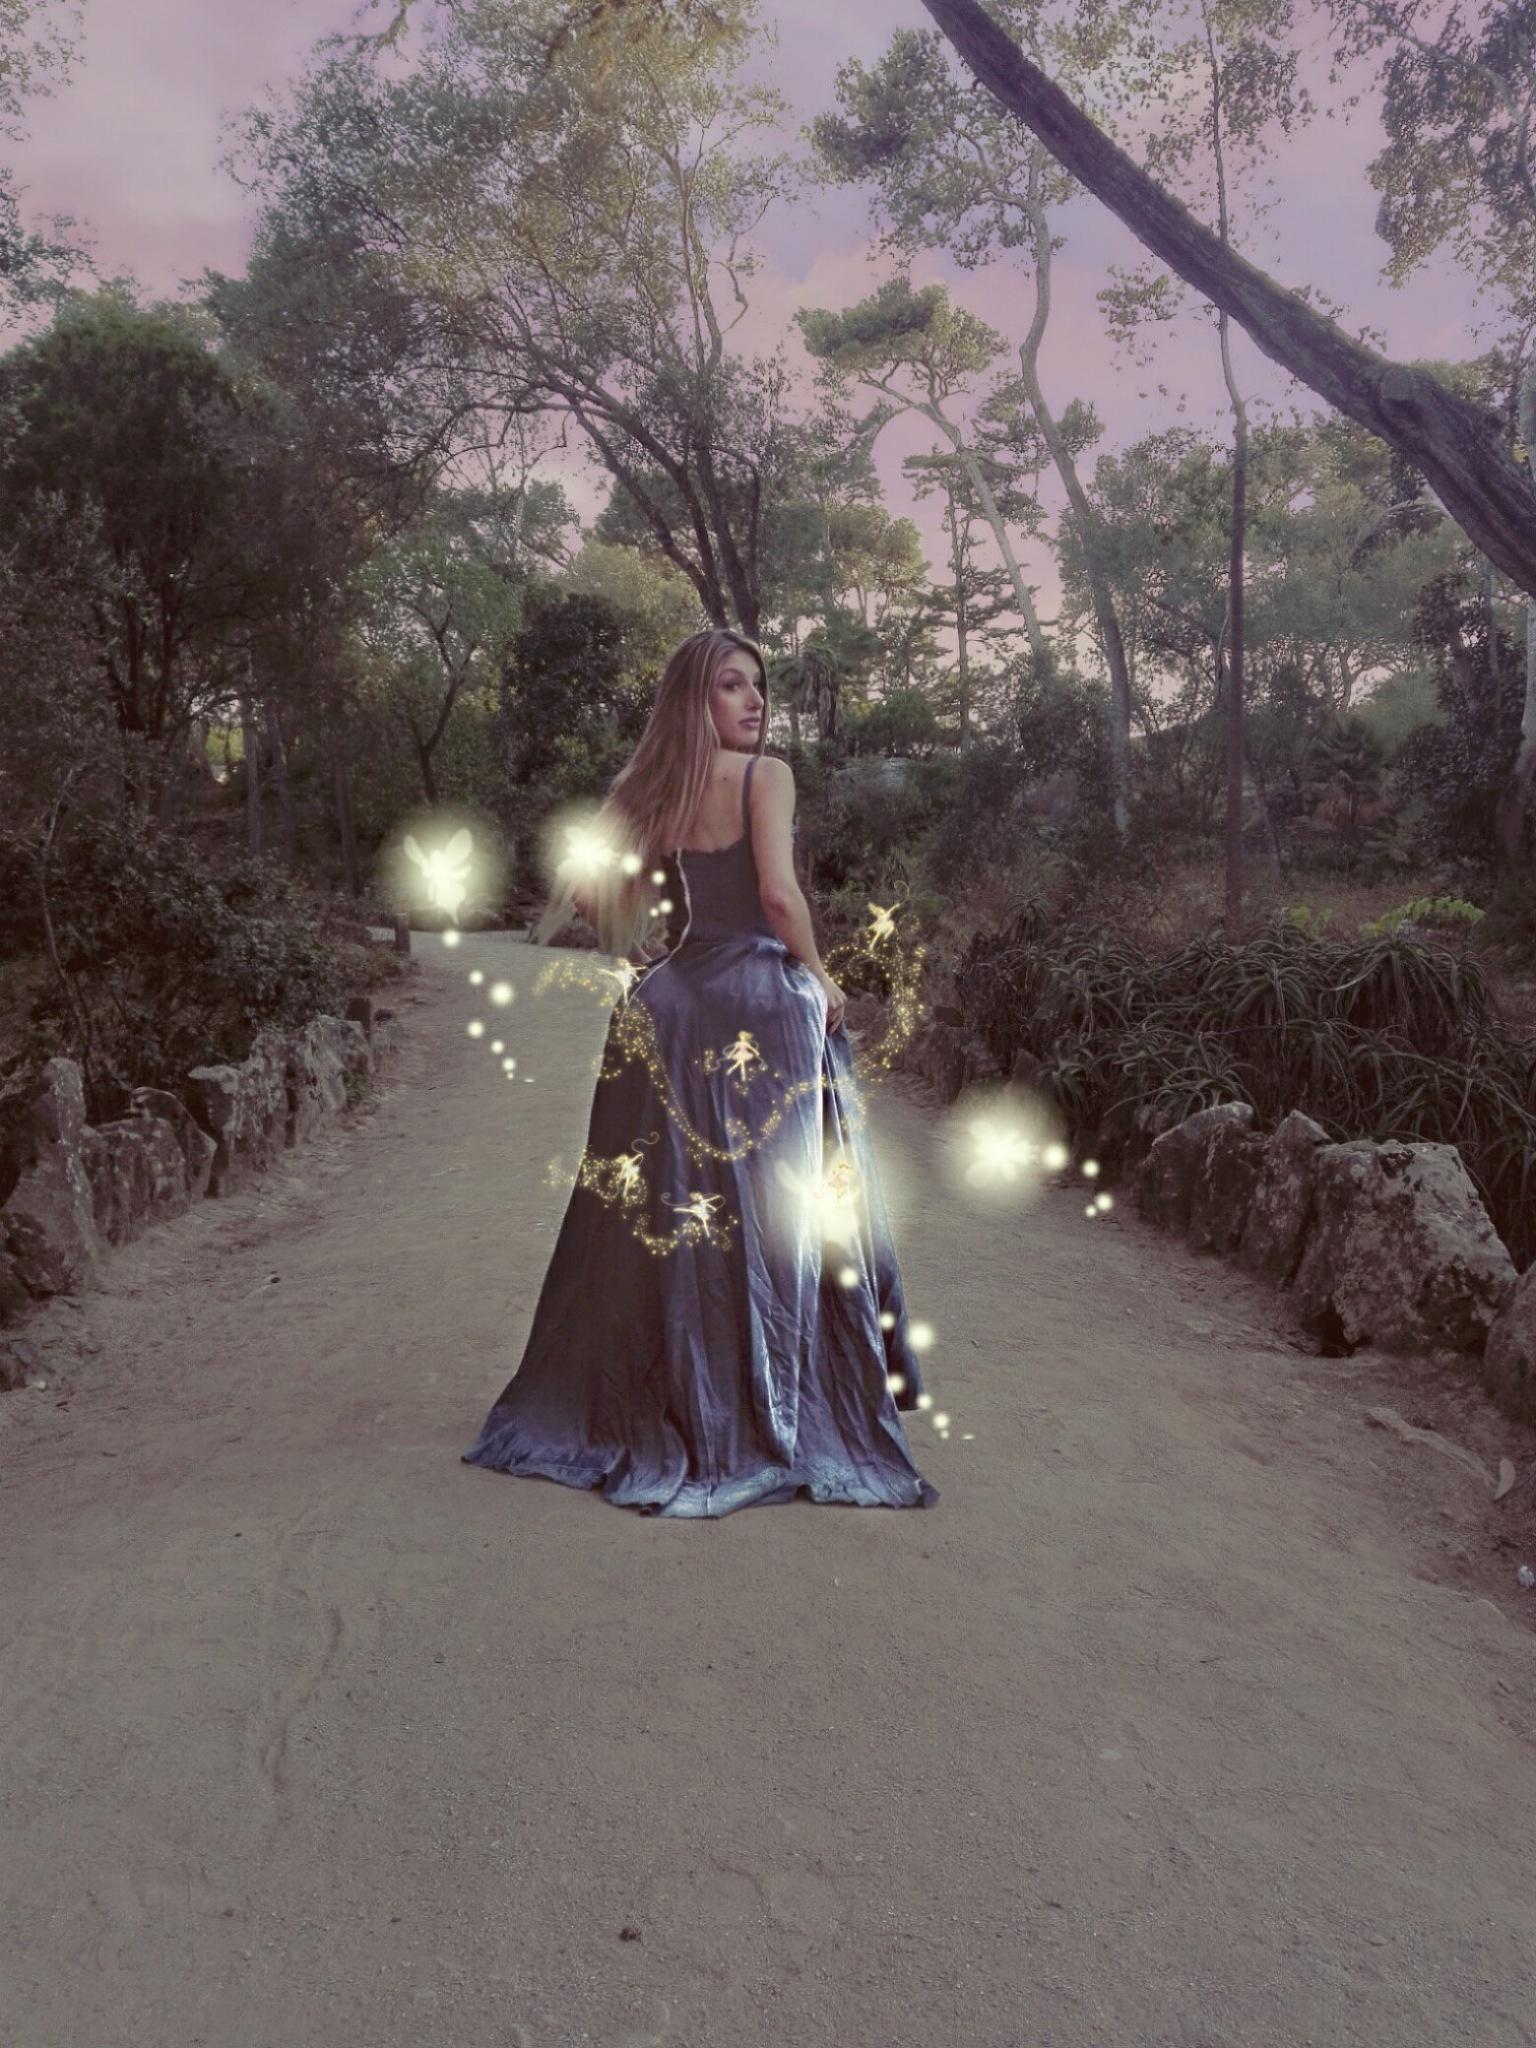 Magic Princess by Anna Marques